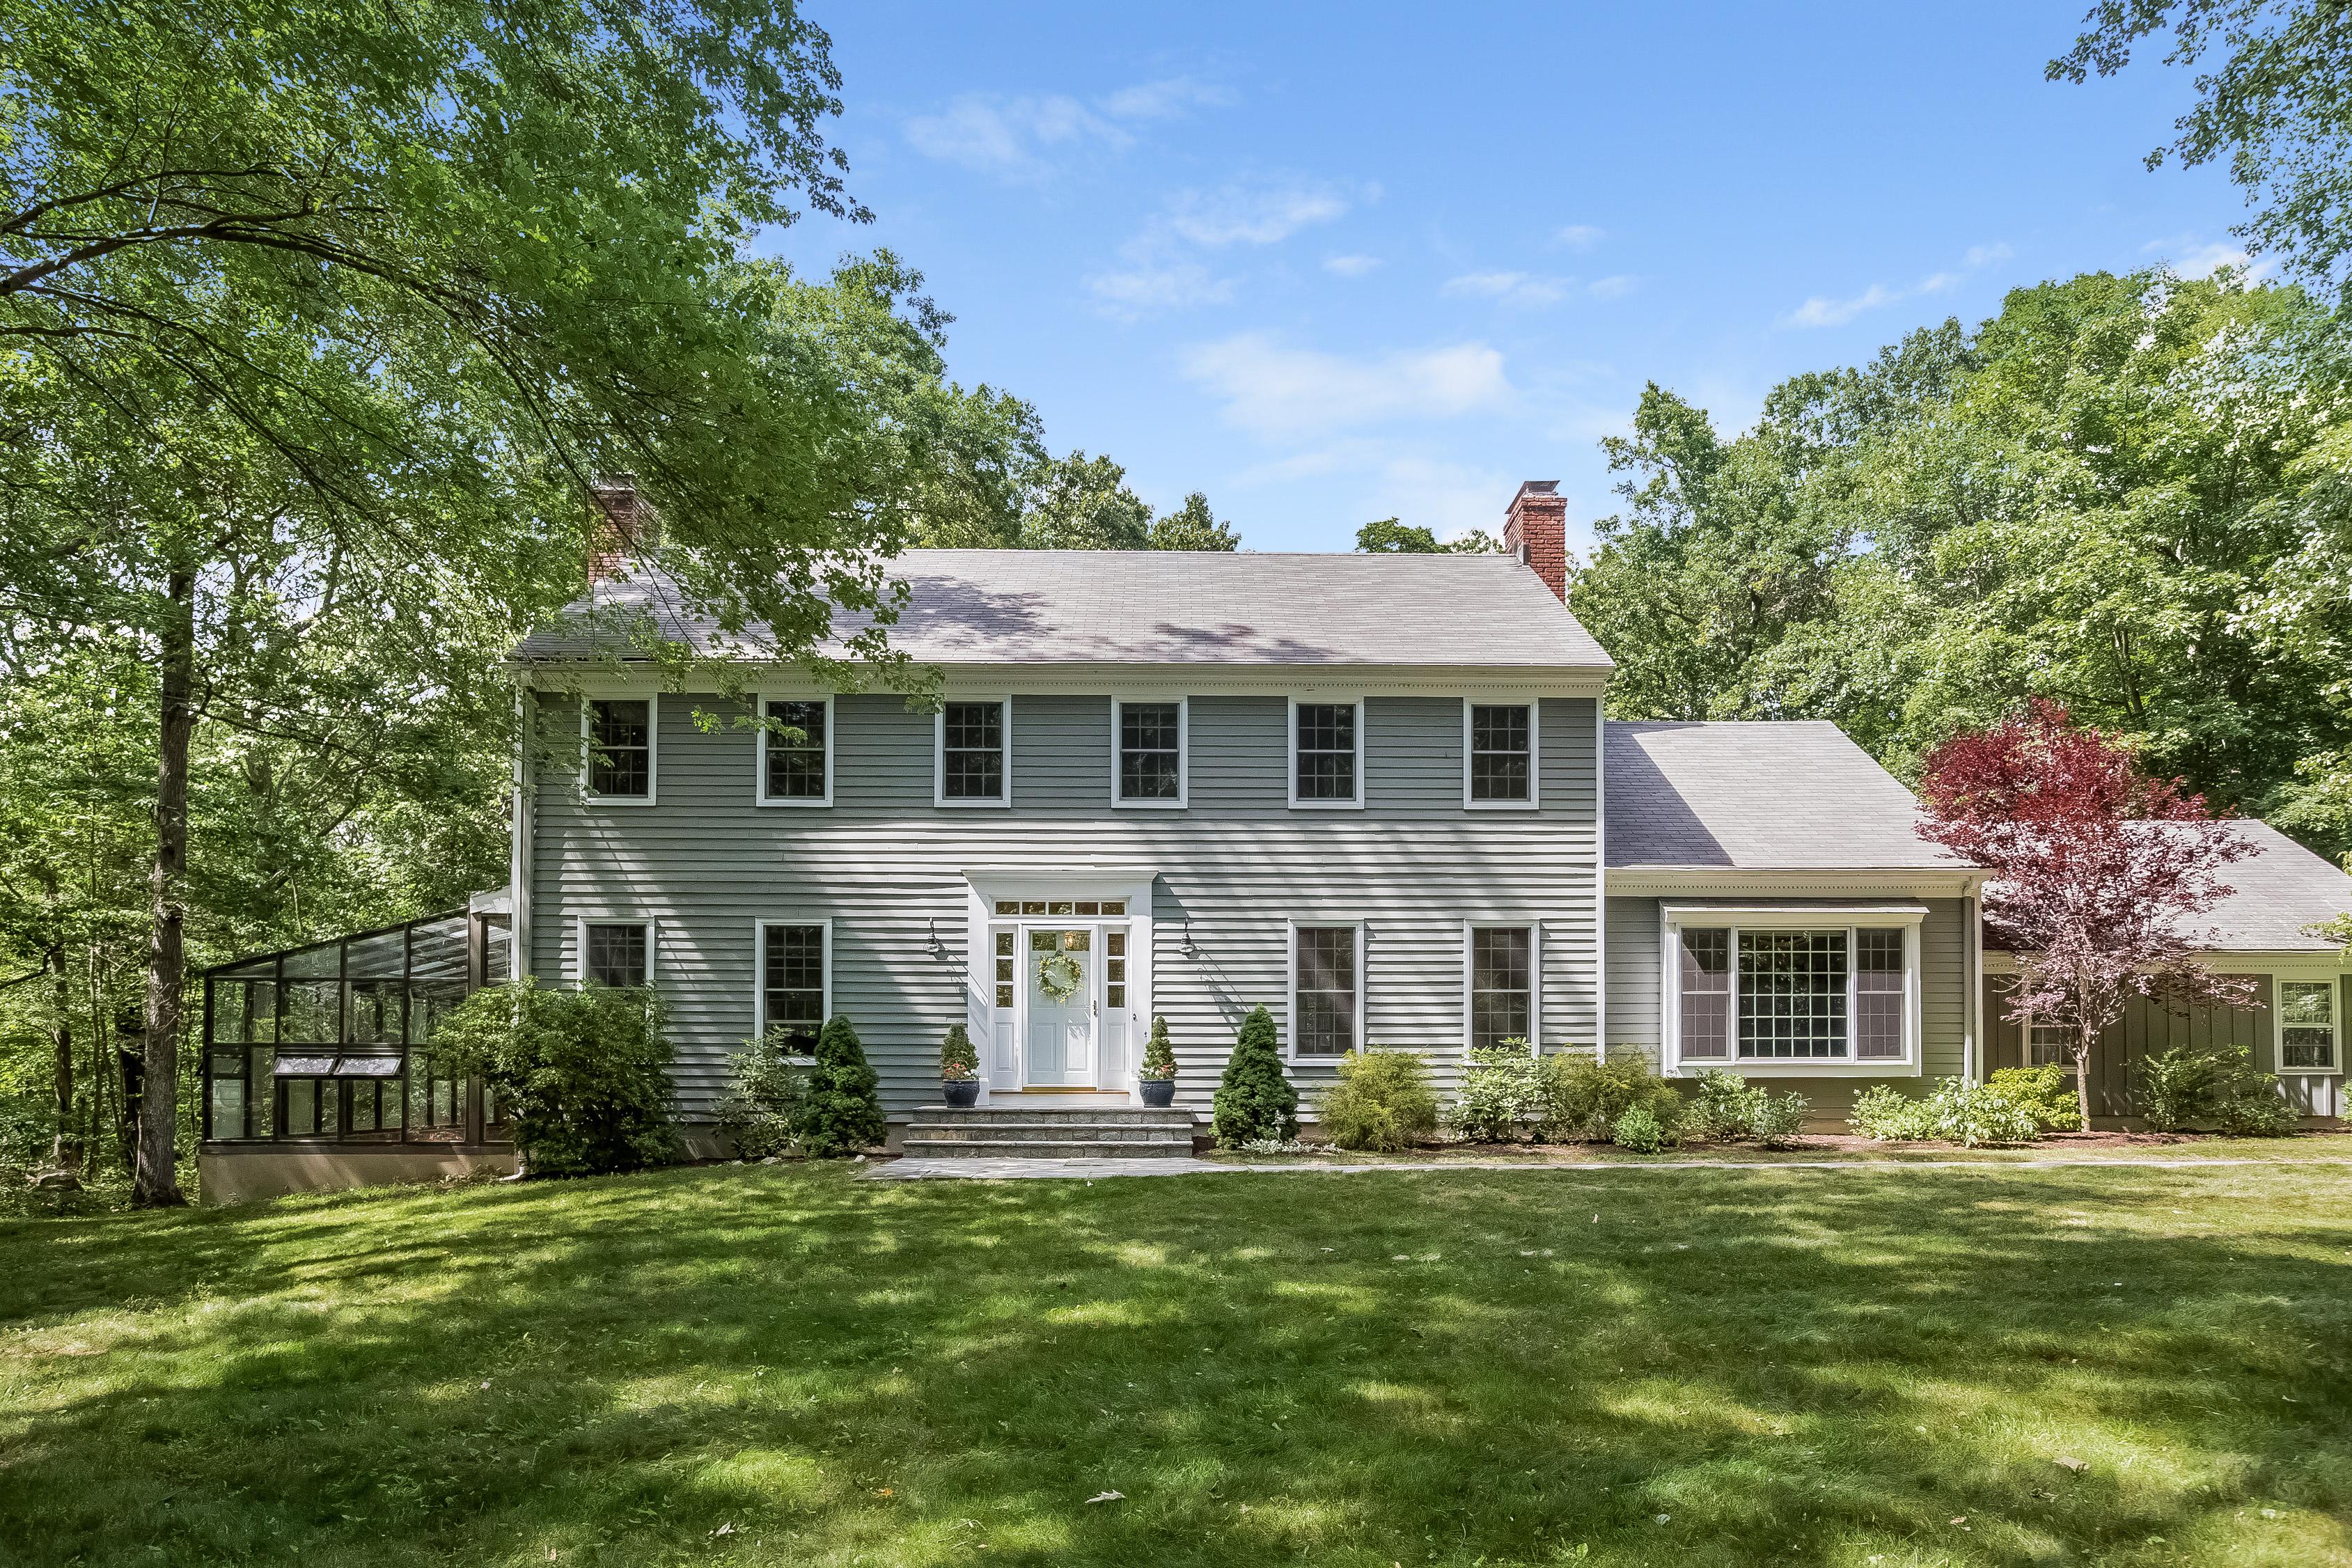 一戸建て のために 売買 アット Large, Level Backyard 110 Scarlet Oak Drive Wilton, コネチカット, 06897 アメリカ合衆国